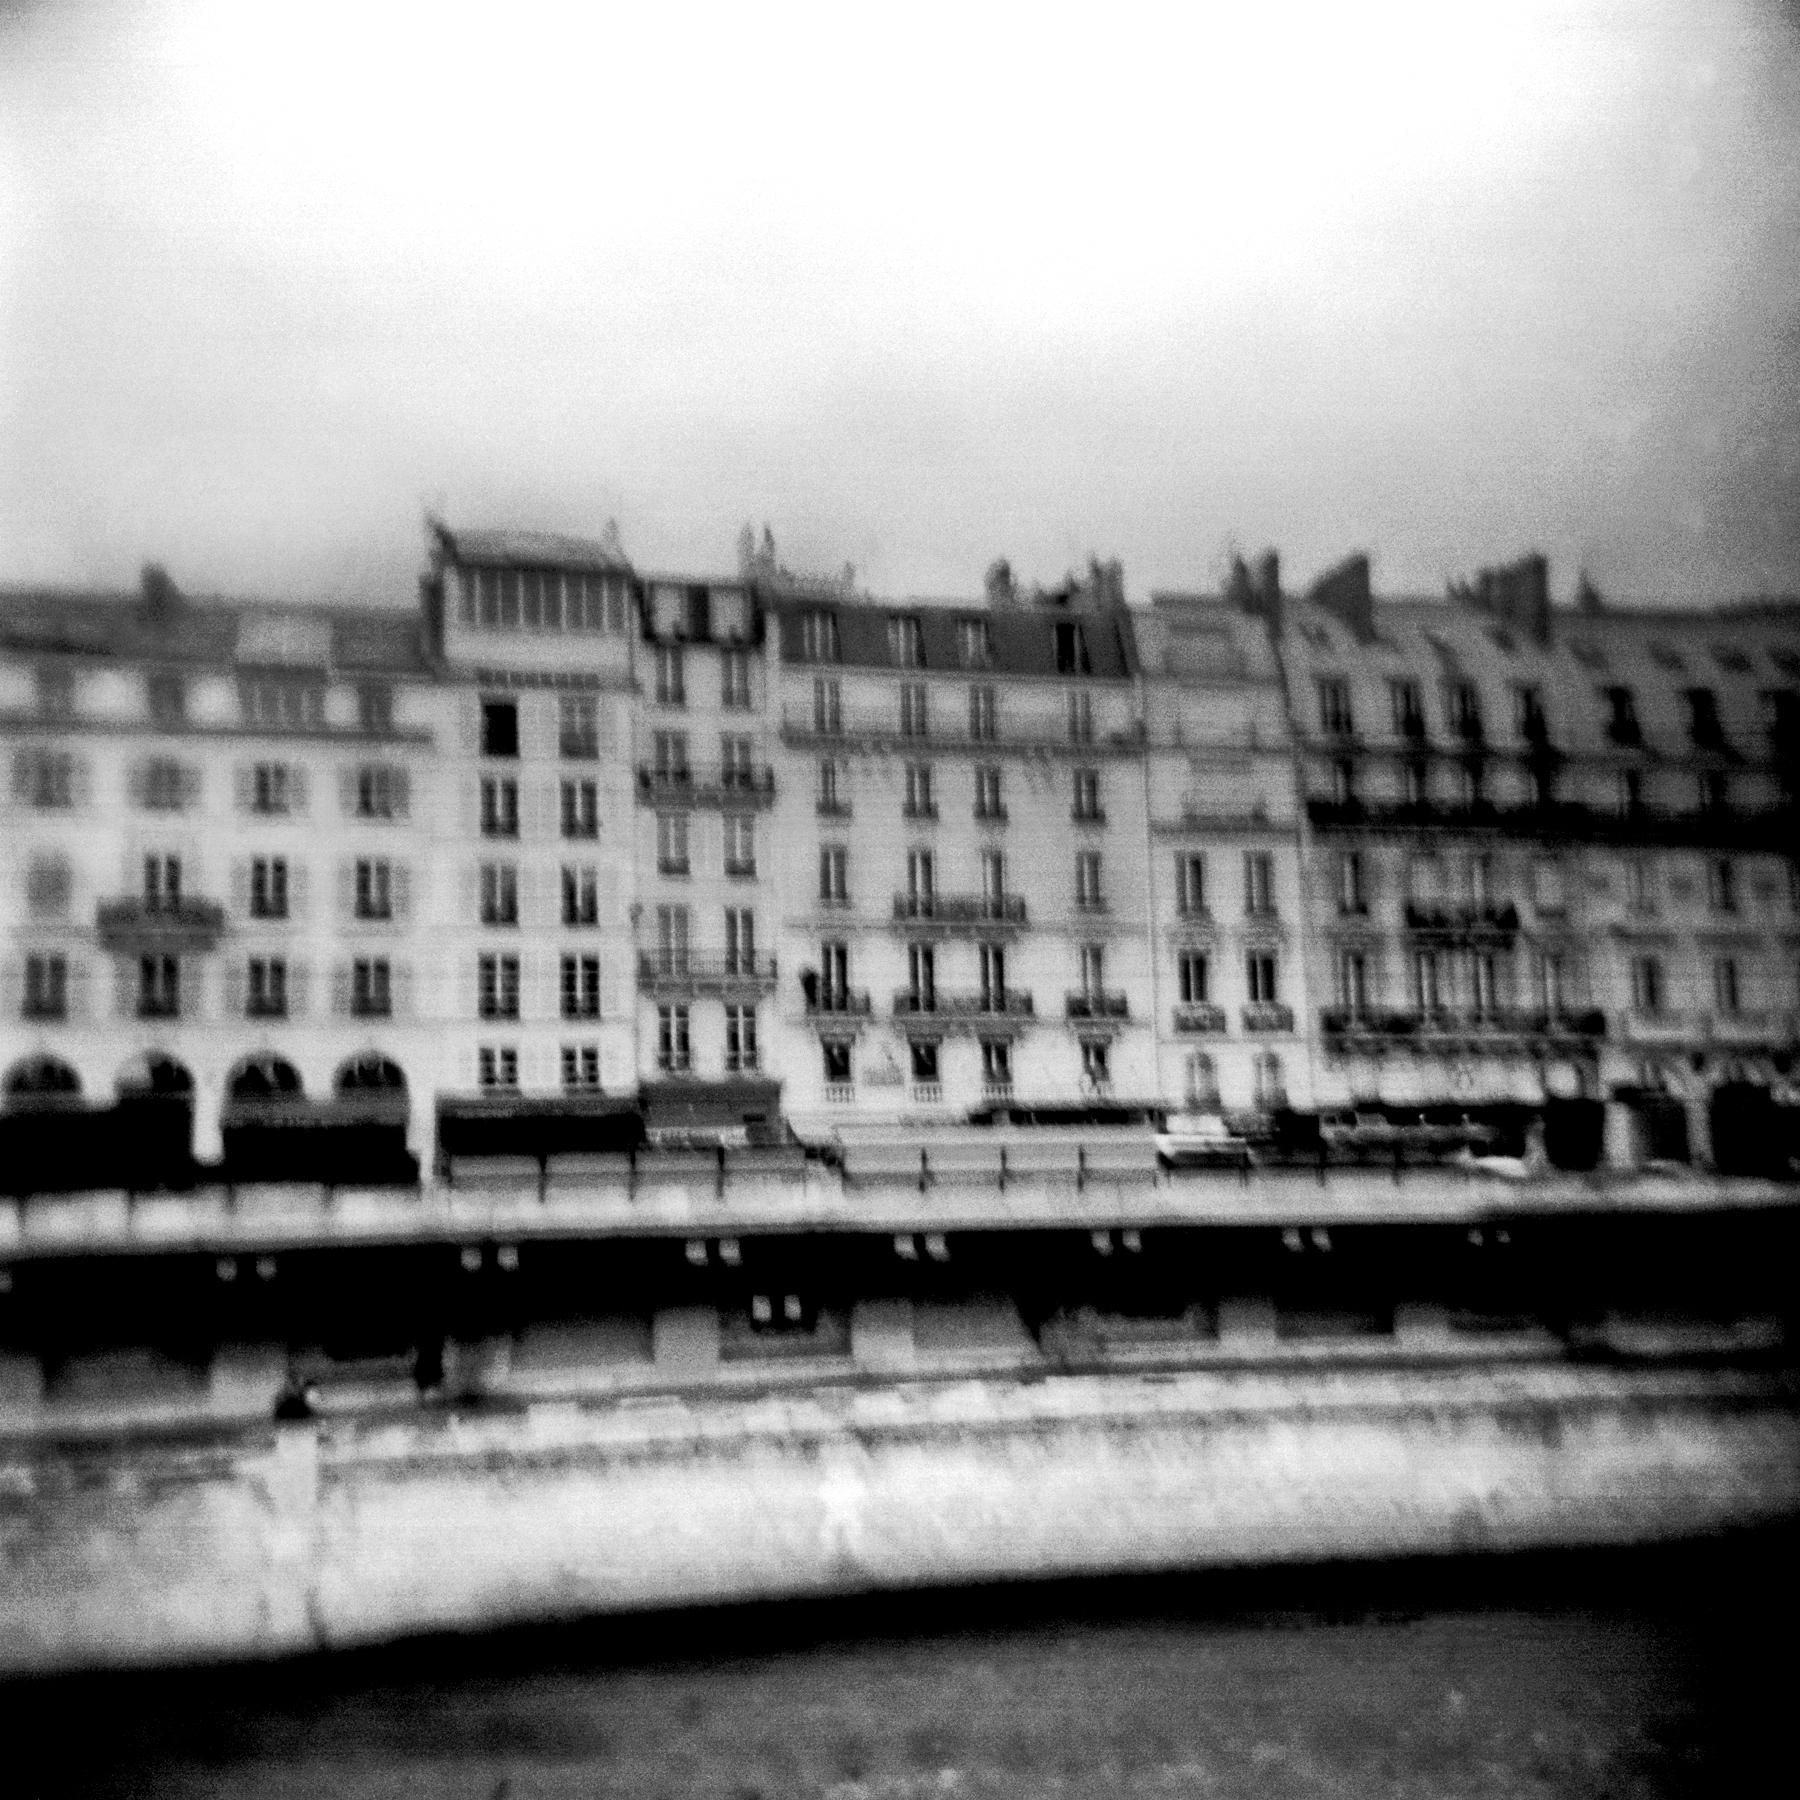 La_Rive_Gauche